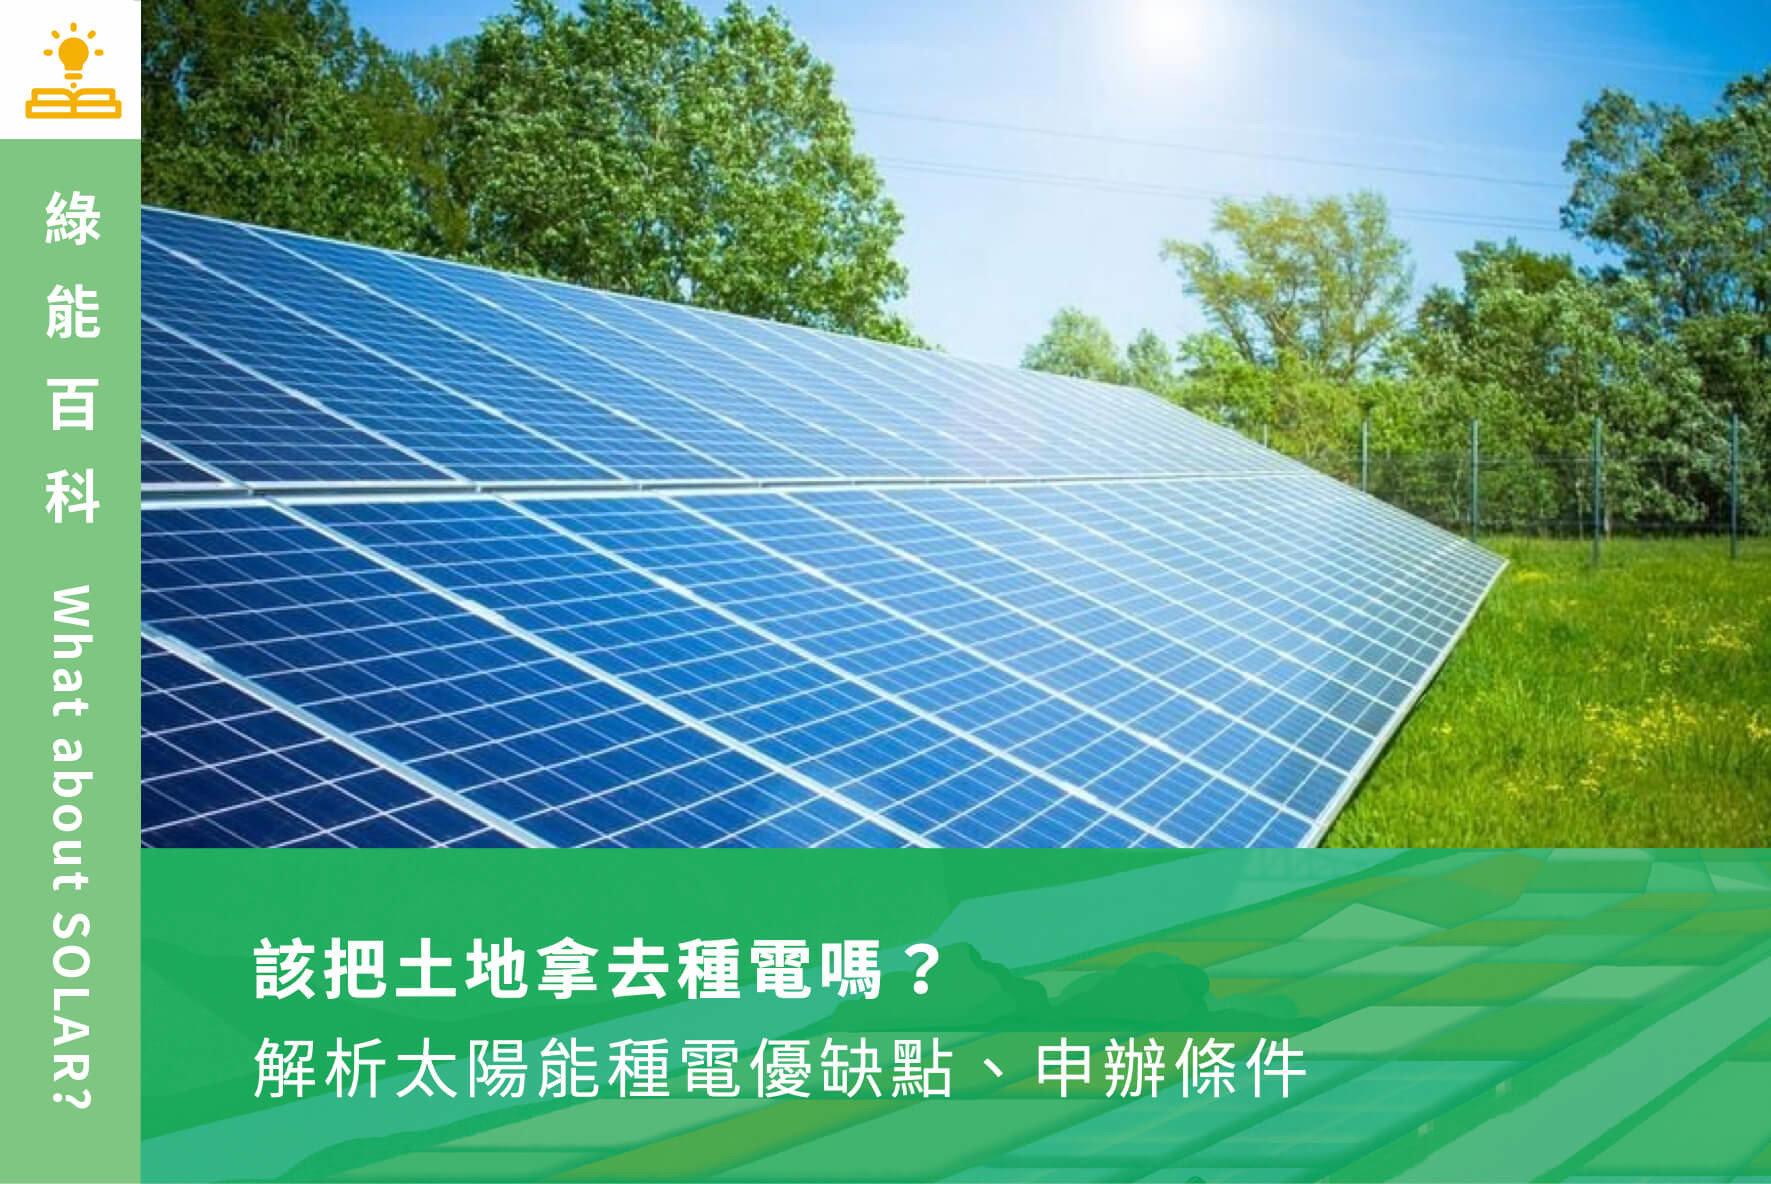 該把土地拿去種電嗎?解析太陽能種電優缺點、申辦條件